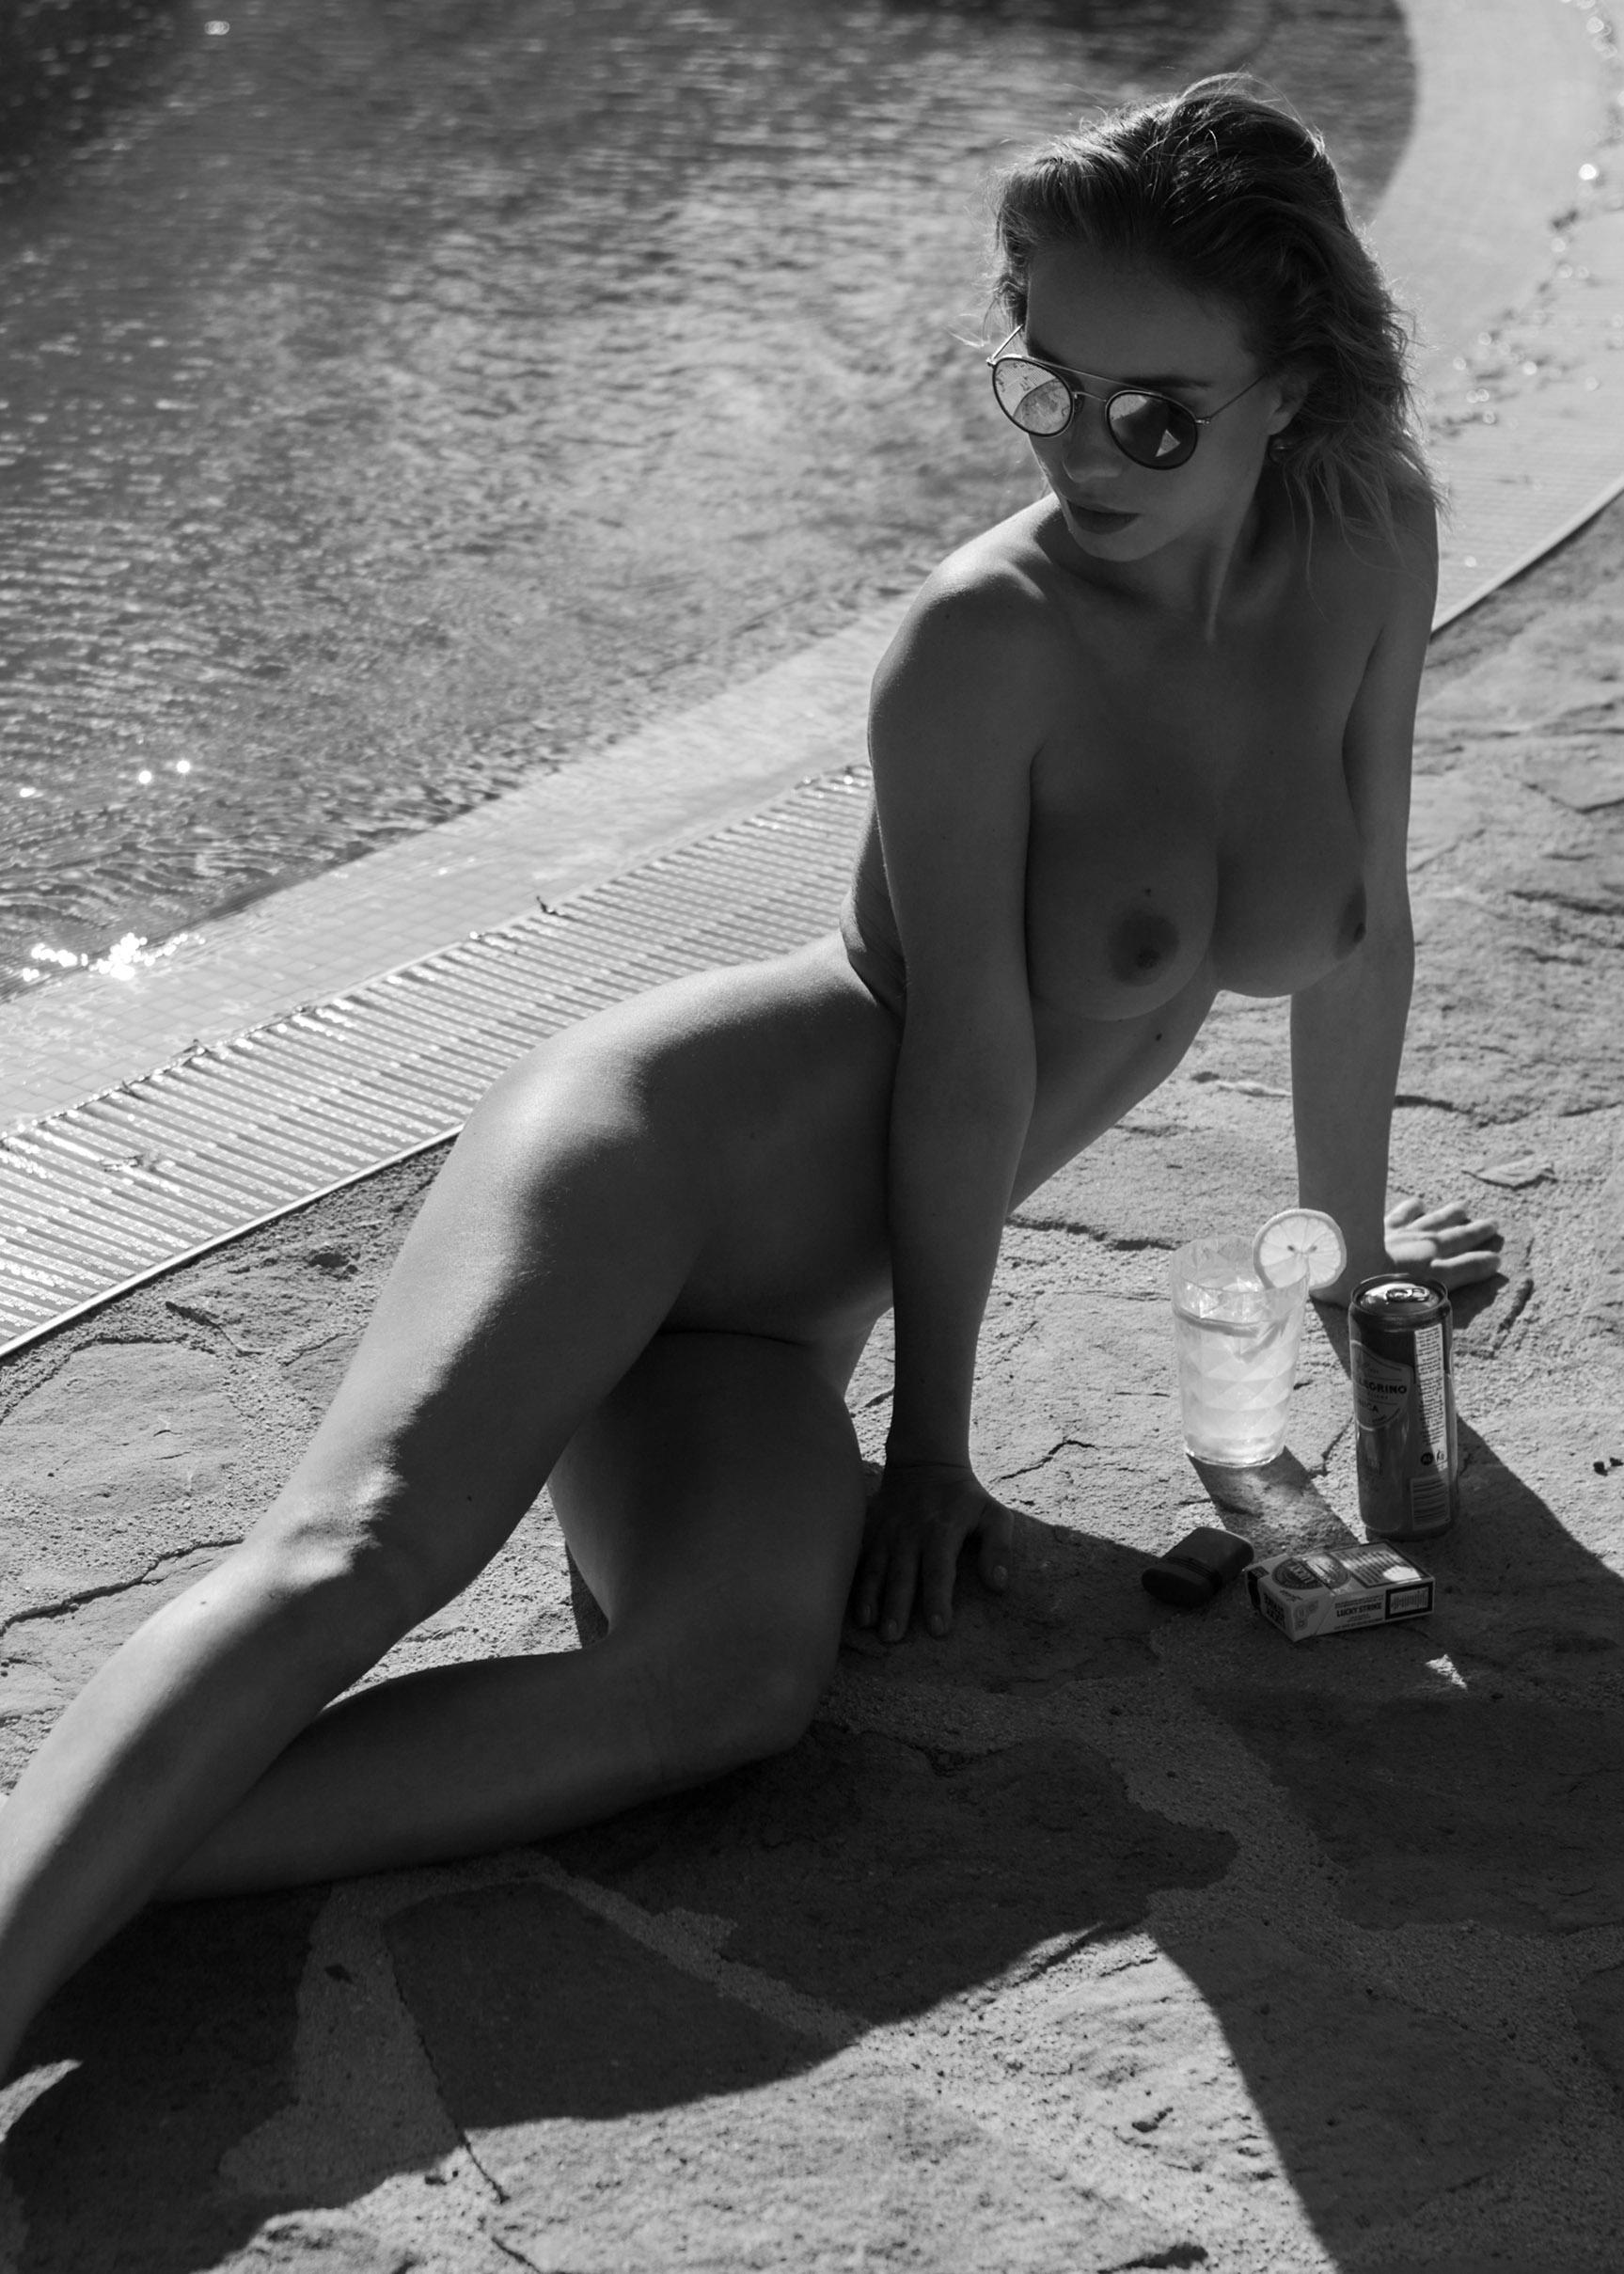 сексуальная обнаженная девушка отдыхает у бассейна / фото 16